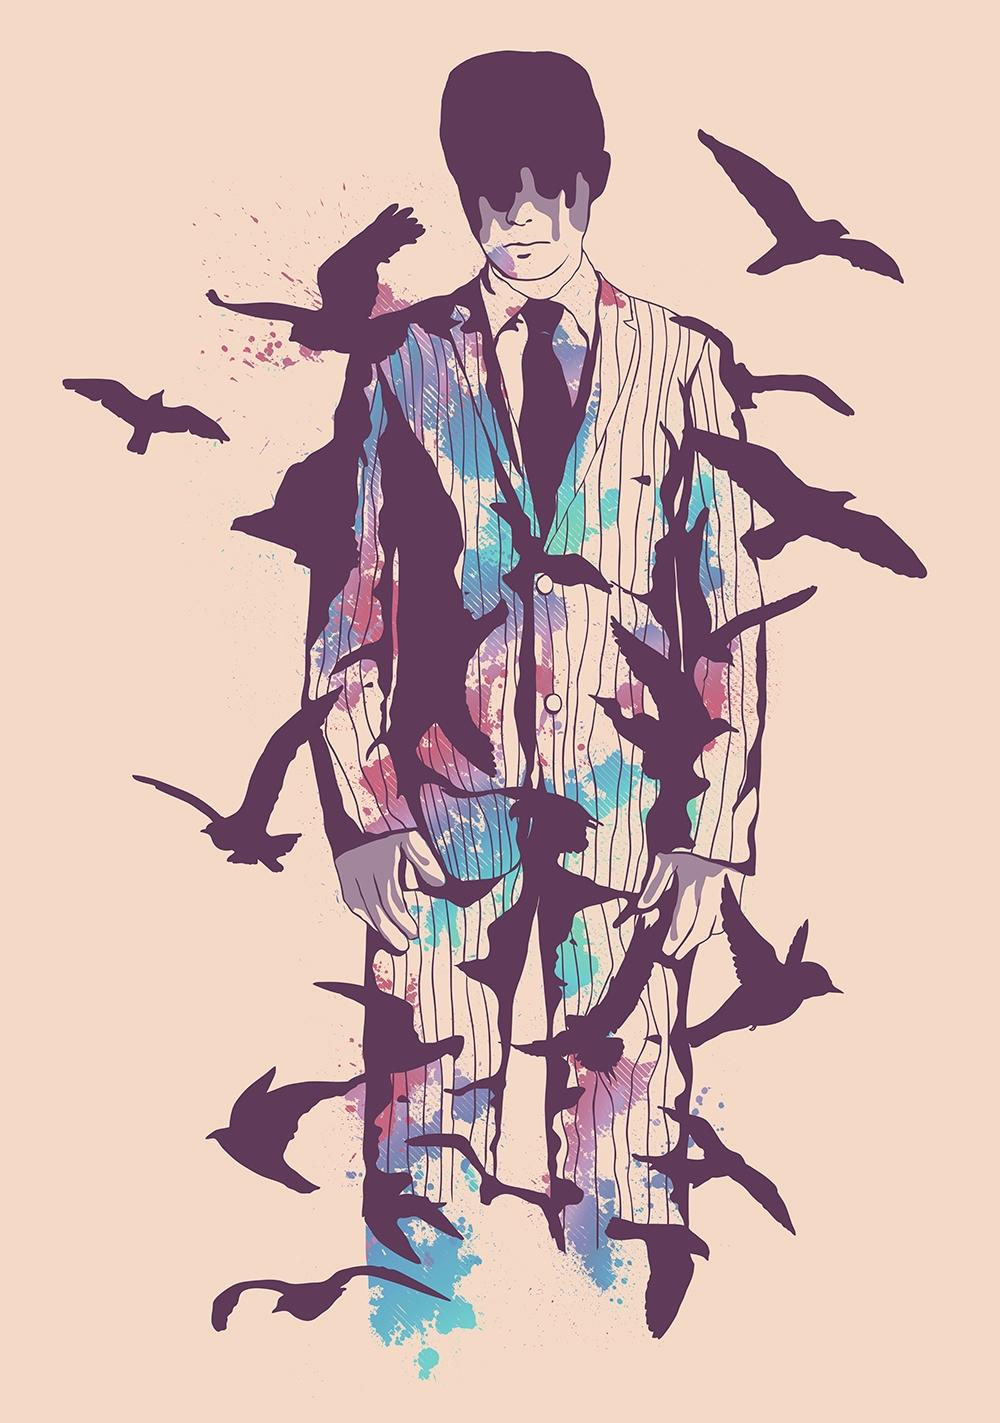 Fly - illustration - normanduenas   ello